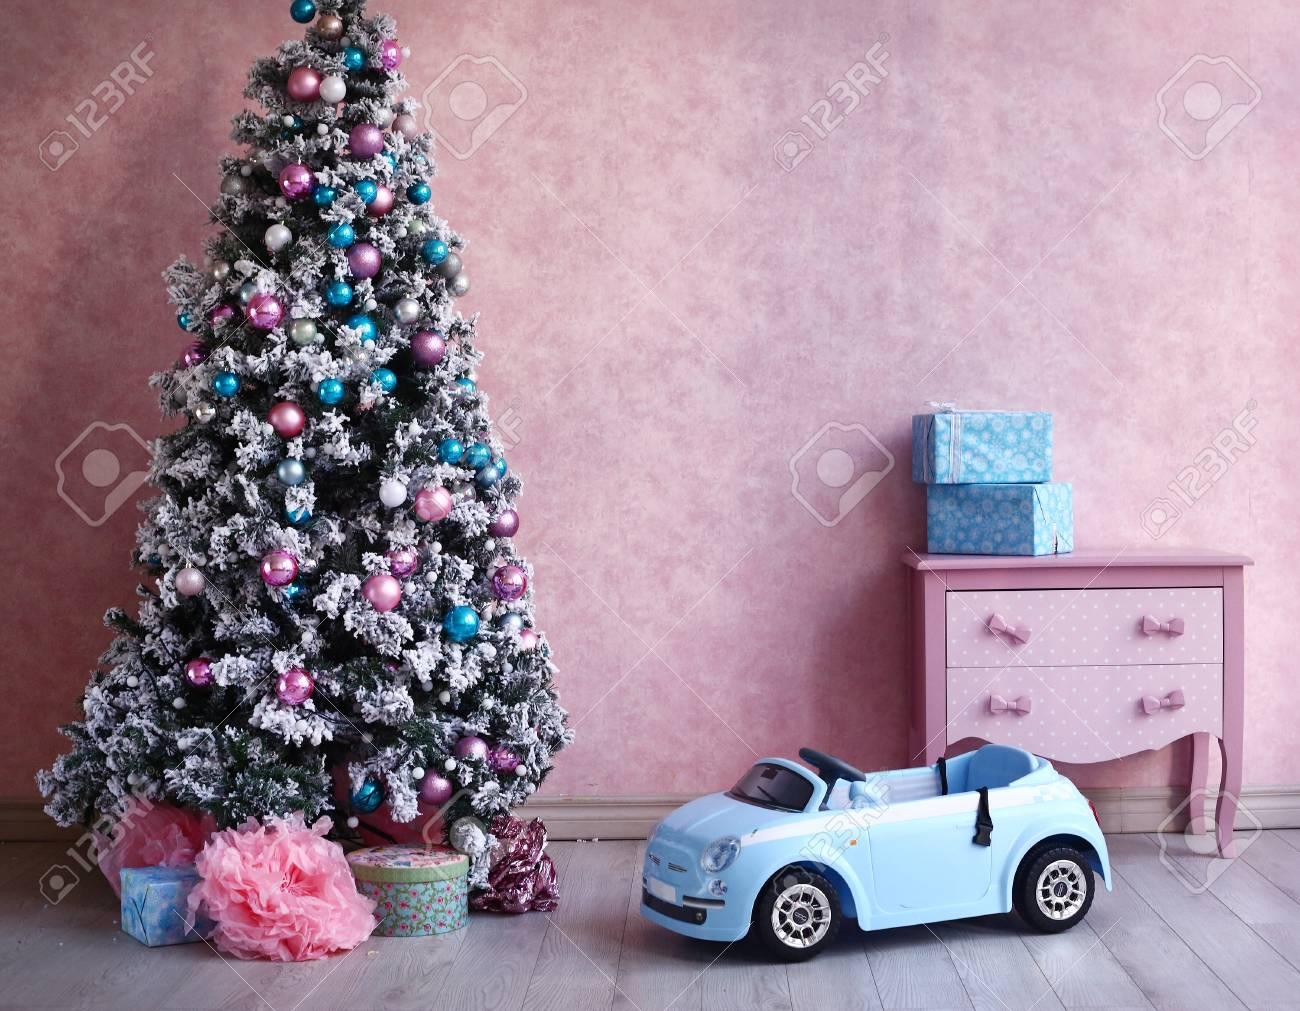 Albero Di Natale Rosa.Rosa Pulcino Shabby Retro Sala Interna Con Decorazione Dell Albero Di Natale